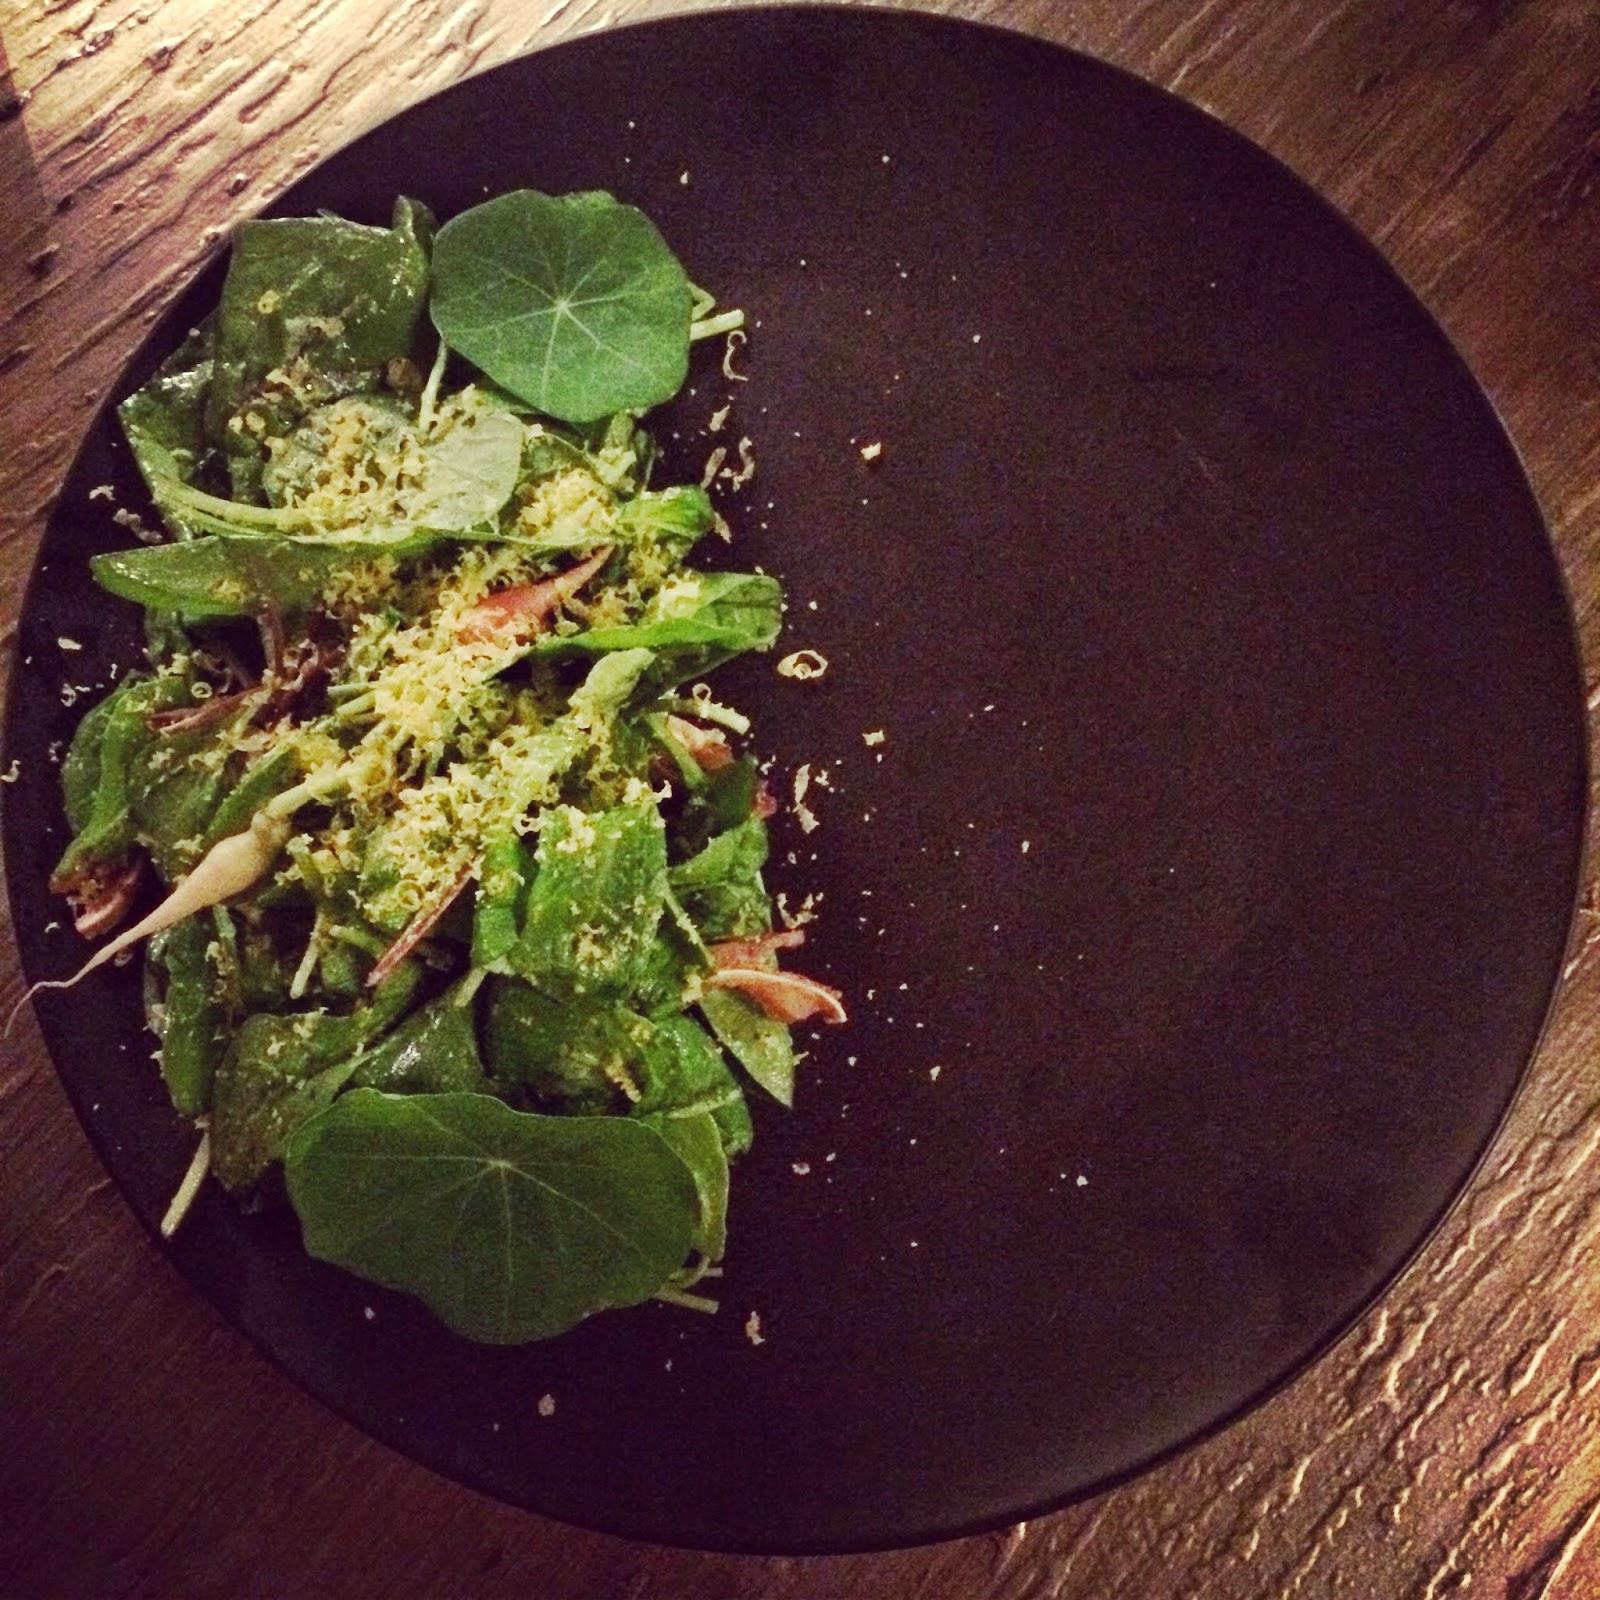 Pig Ear, Arugula, Herbs, Horseradish